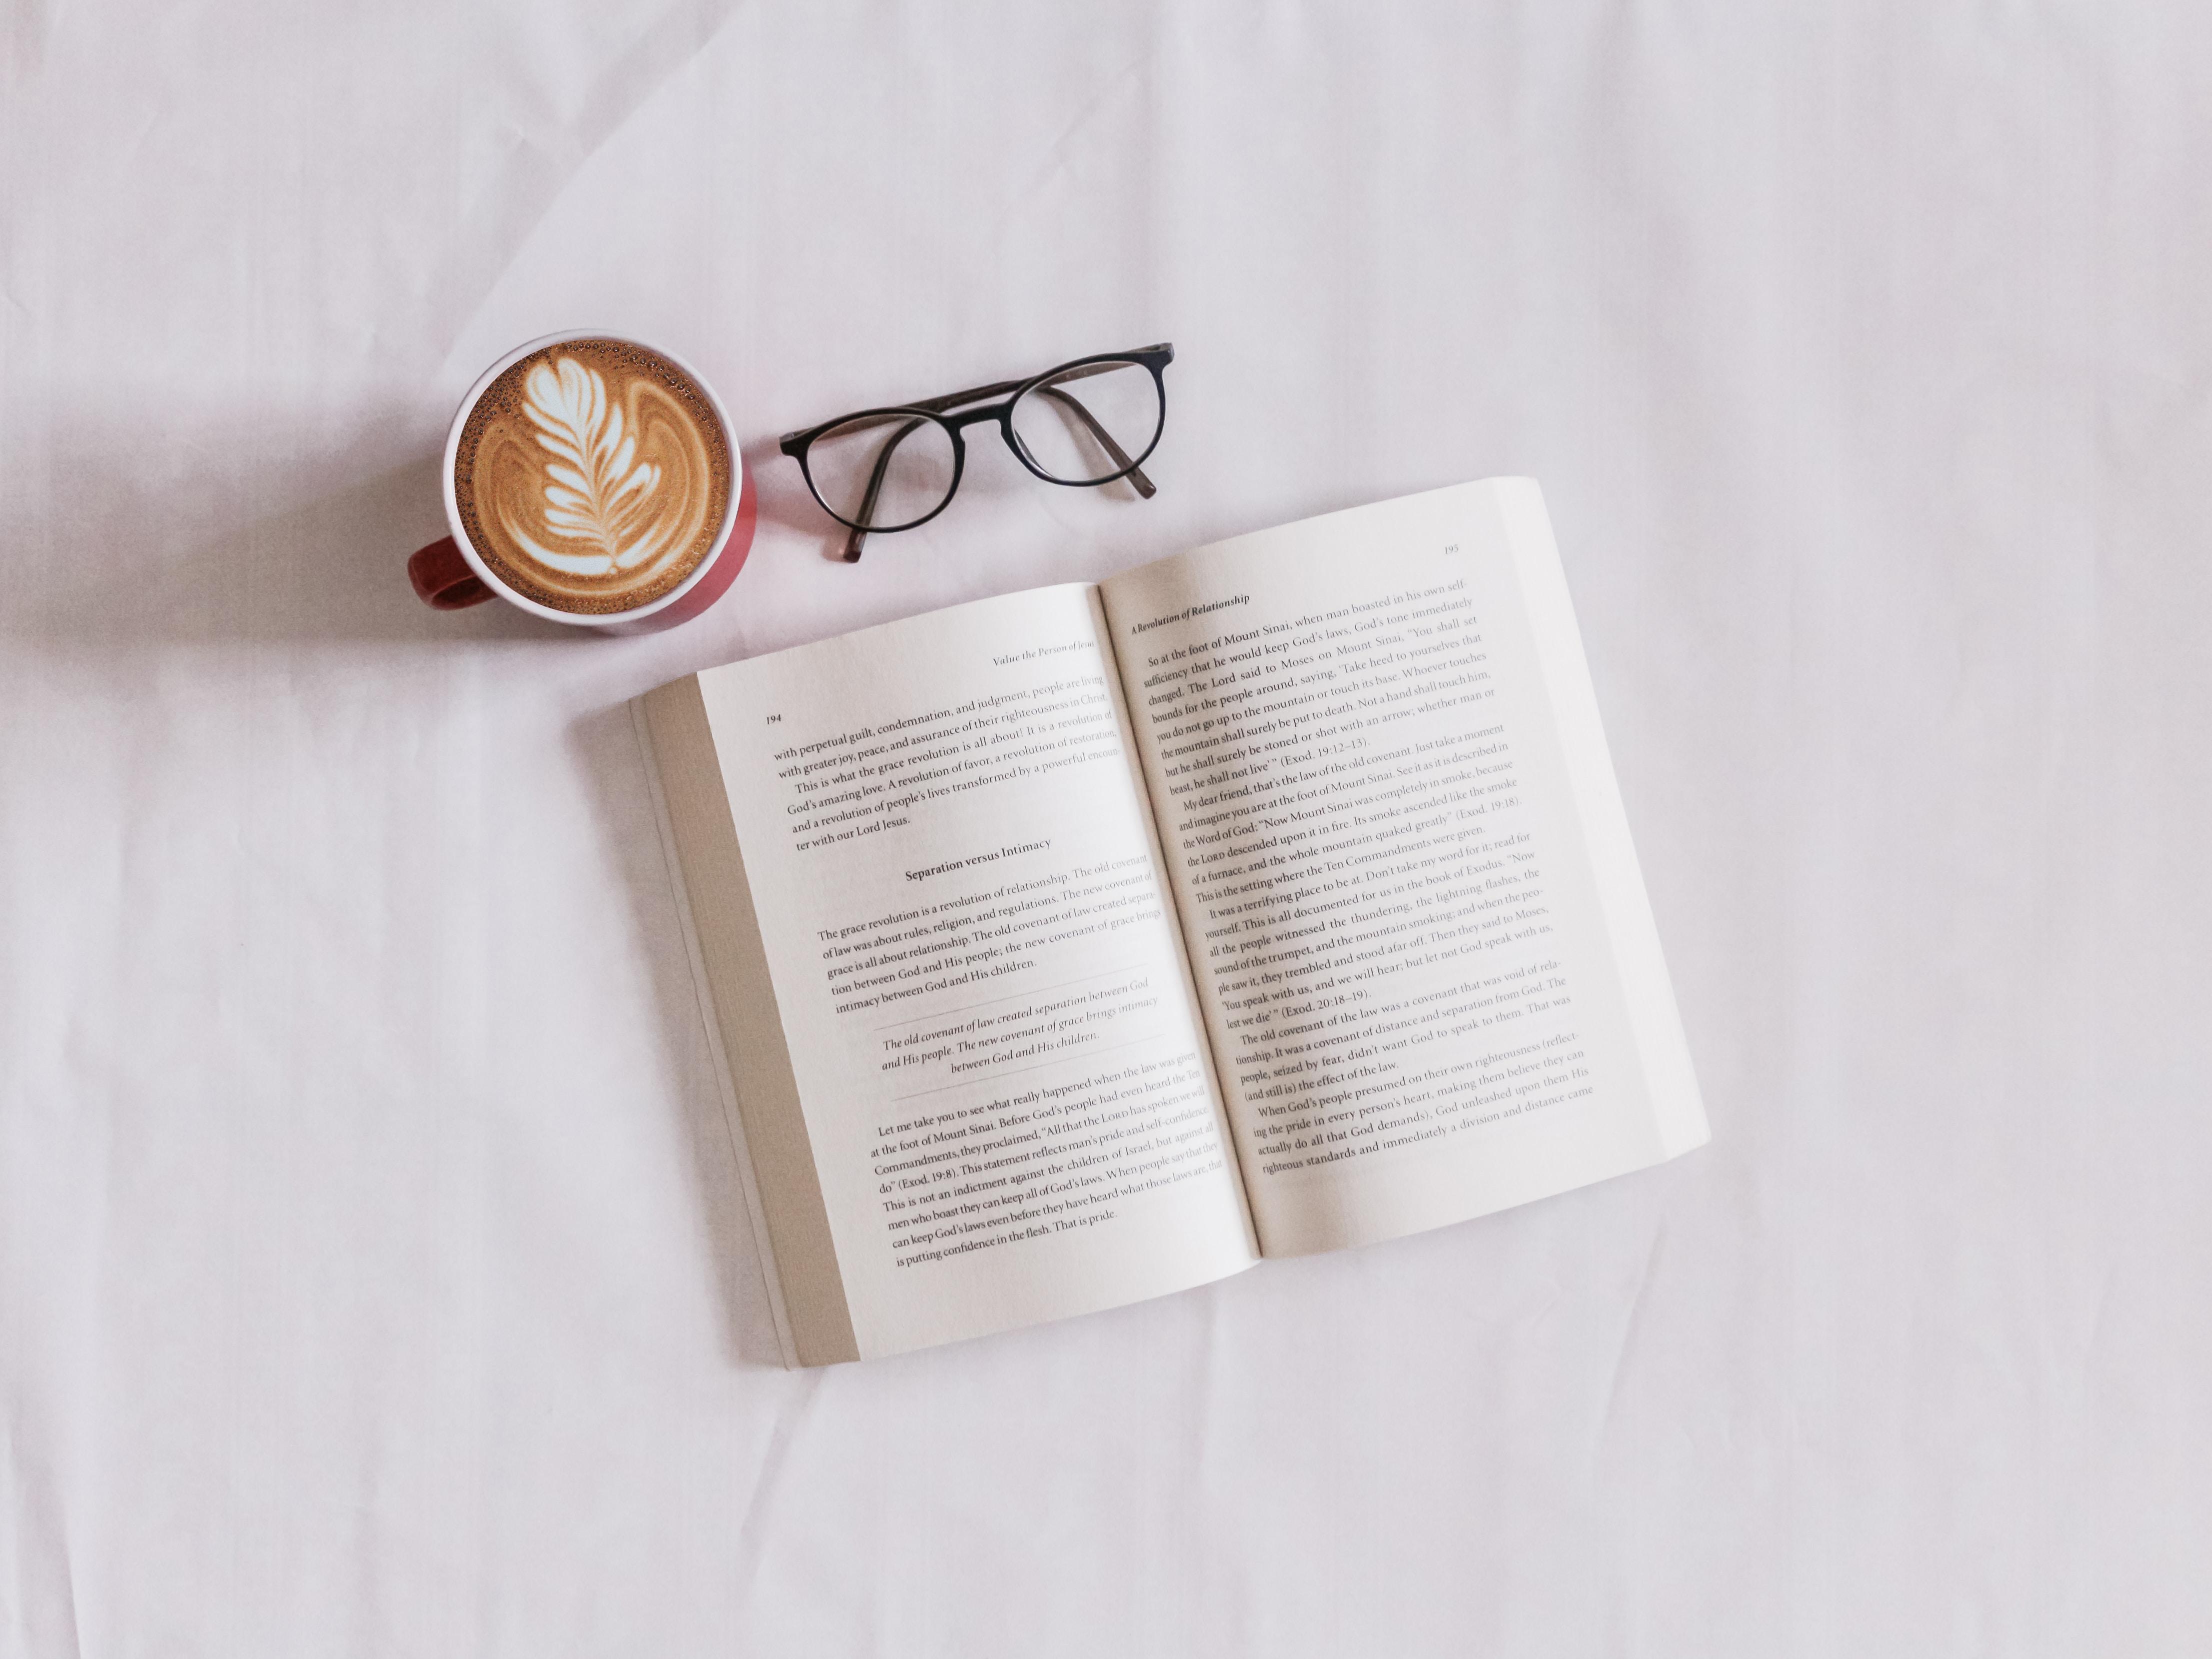 หนังสือ หนังสือน่าอ่าน หนังสือน่าอ่าน 2019 แนะนำหนังสือ